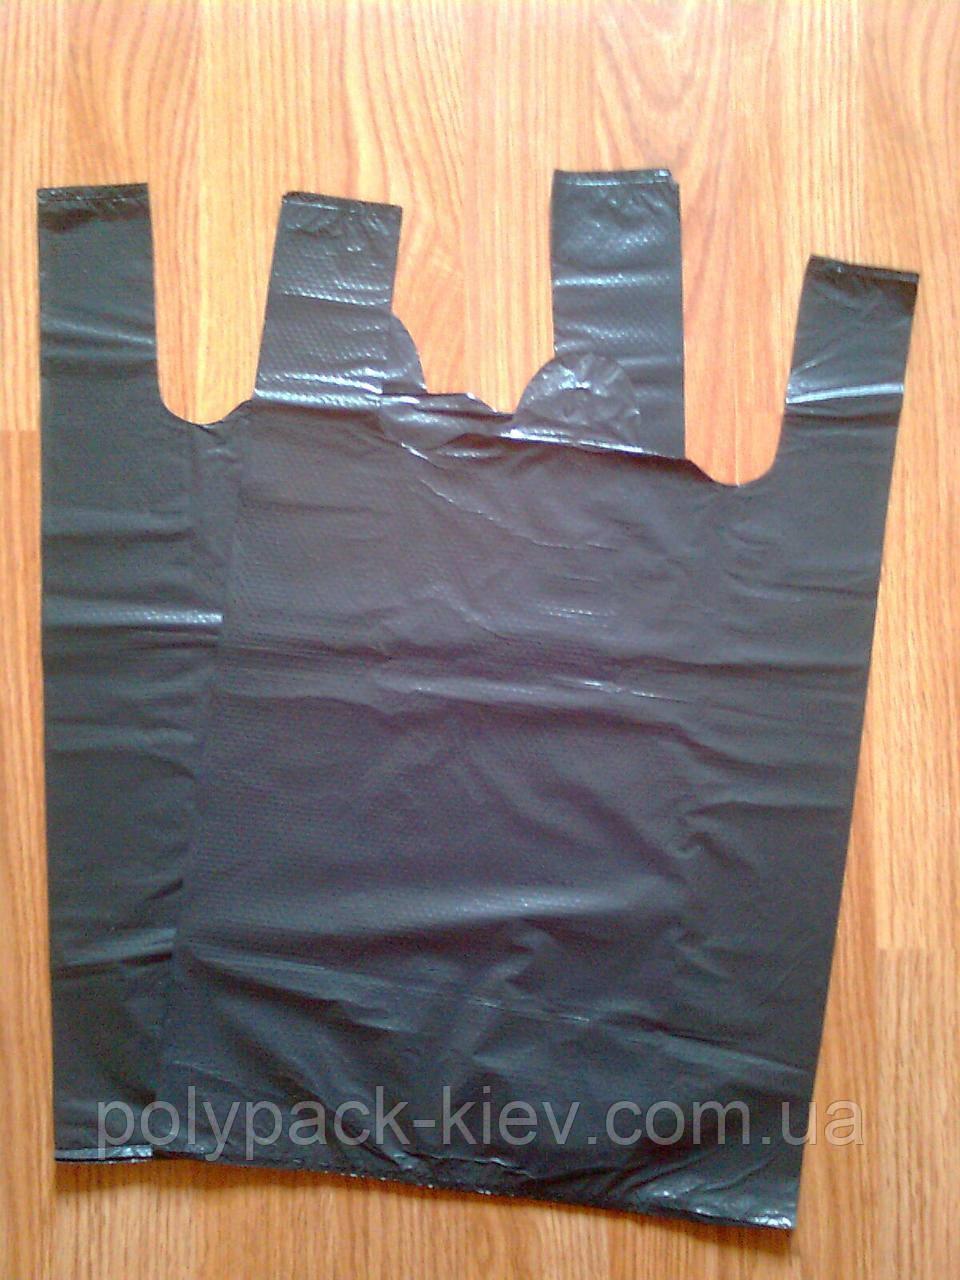 Пакет майка 30*45 см/30 мкм, полиэтиленовые пакеты без логотипа купить Киев кульки без печати от производителя